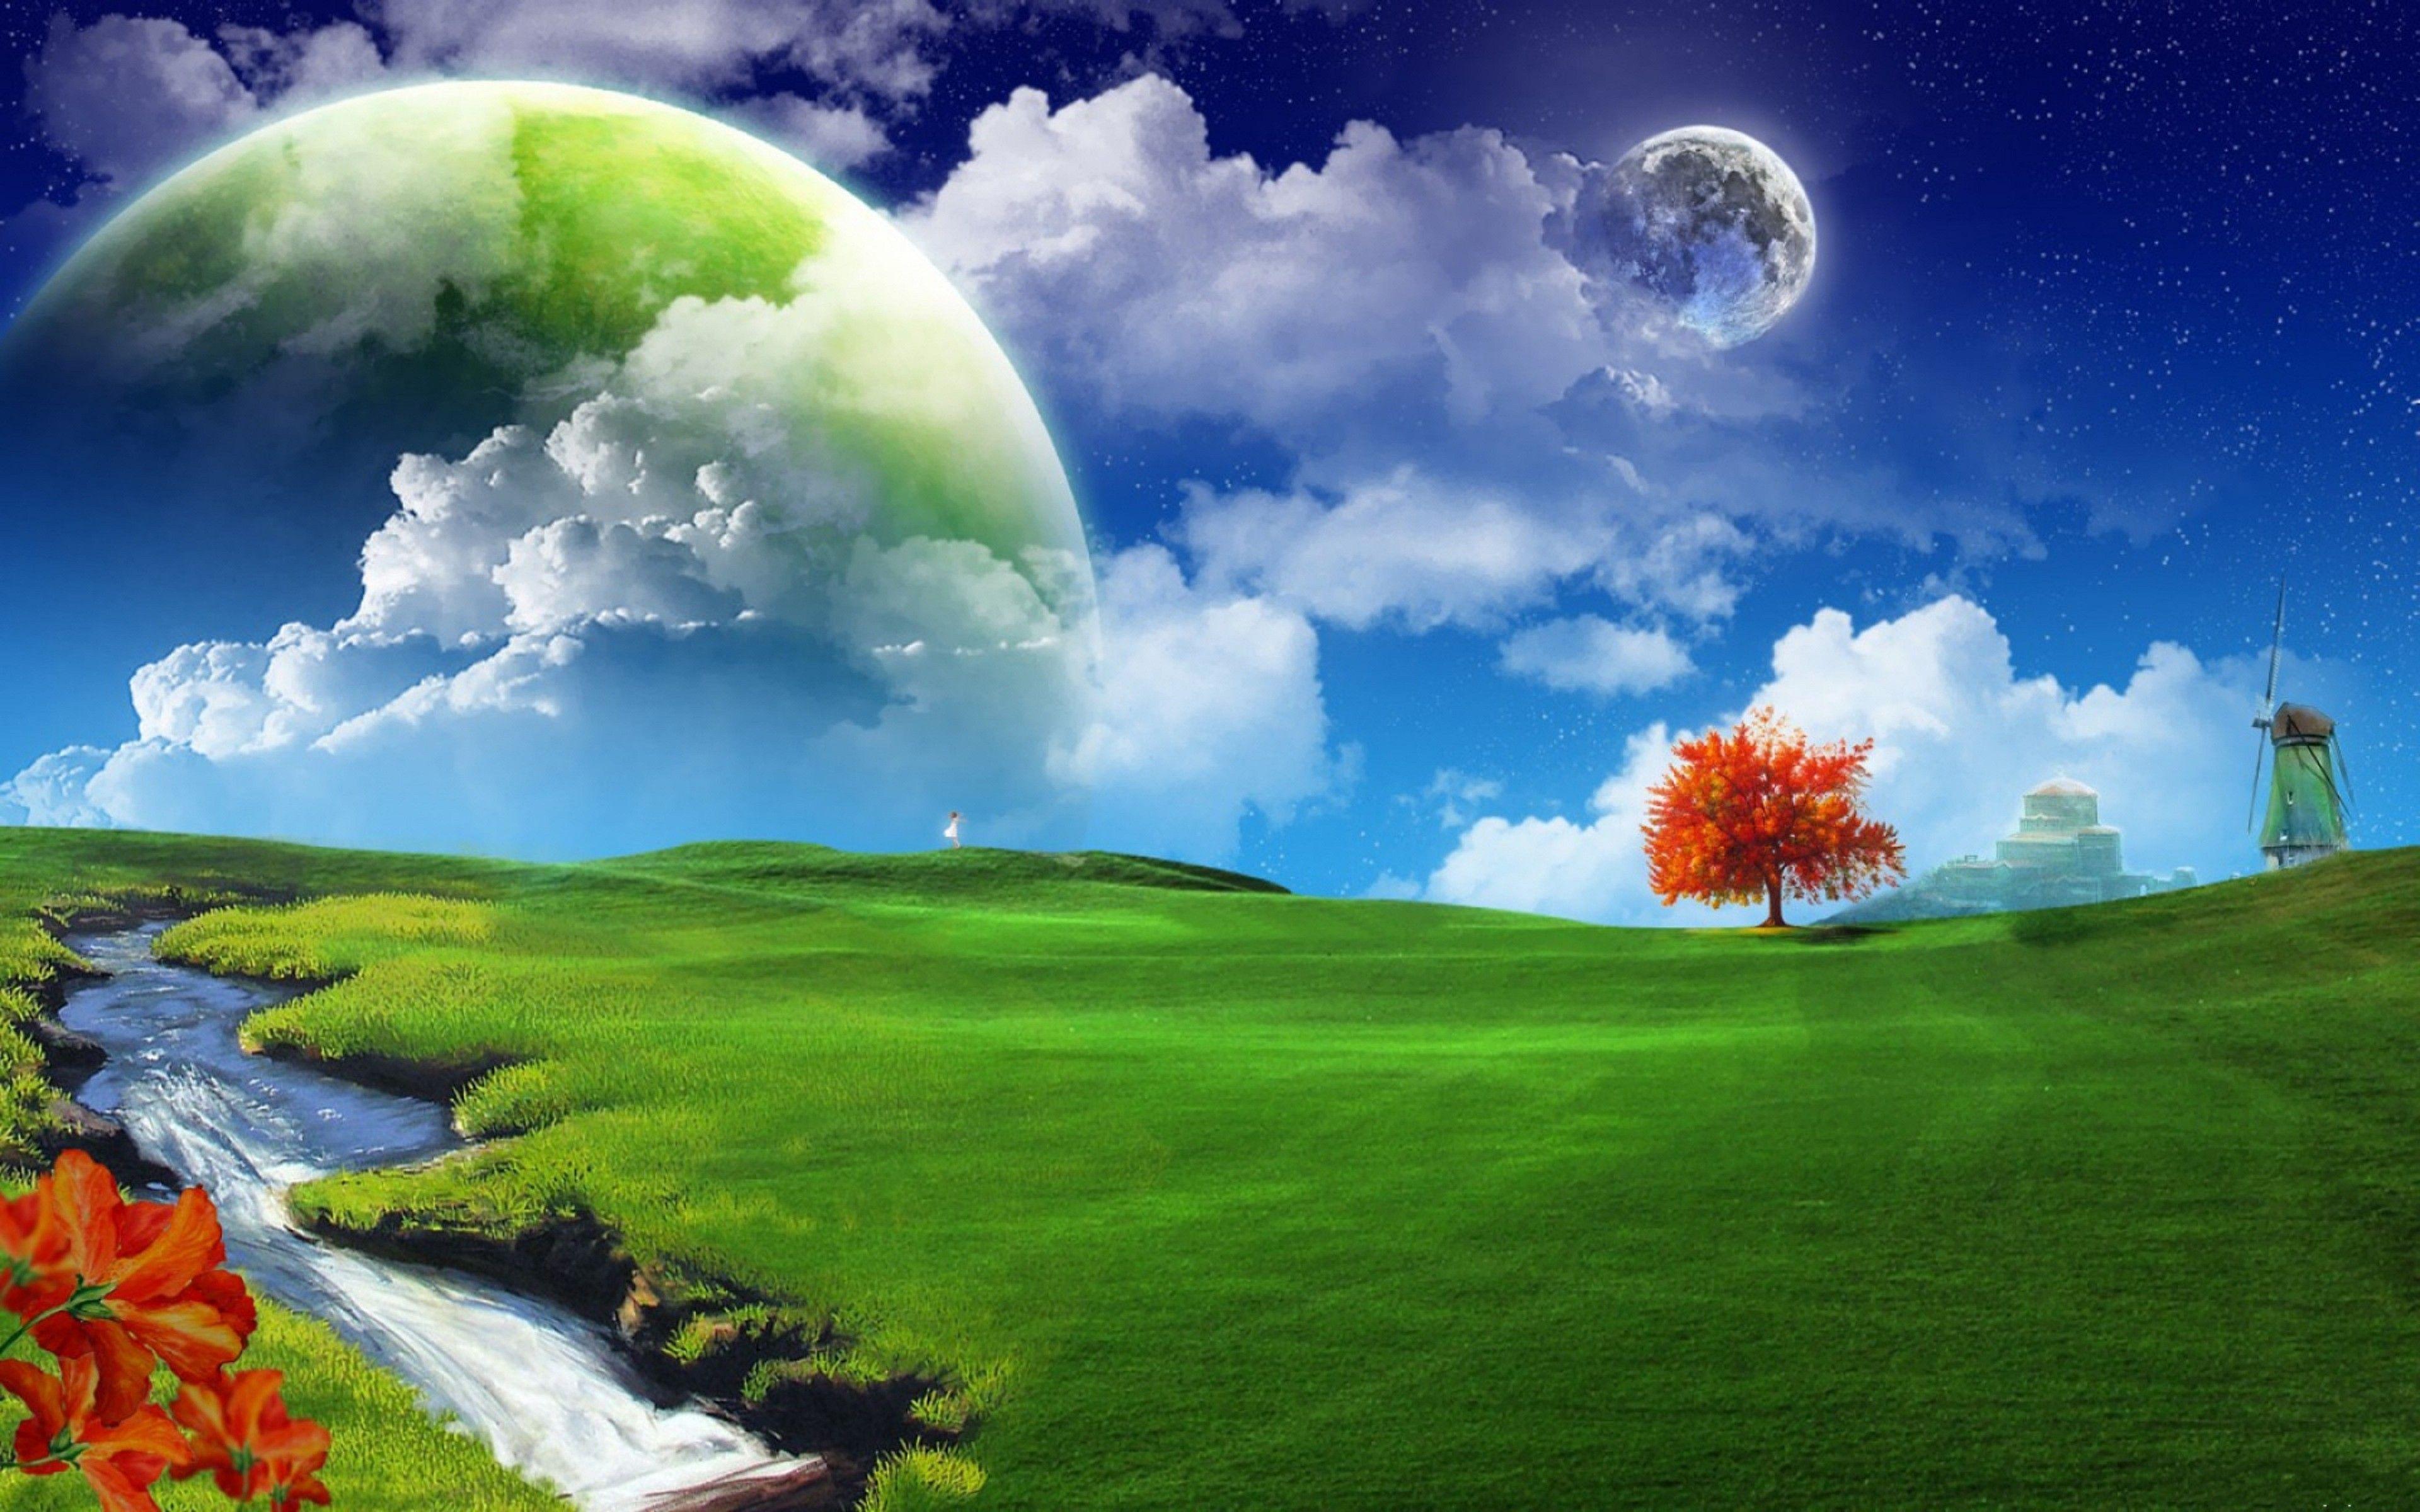 green field dreamy fantasy 3840—2400 Labor